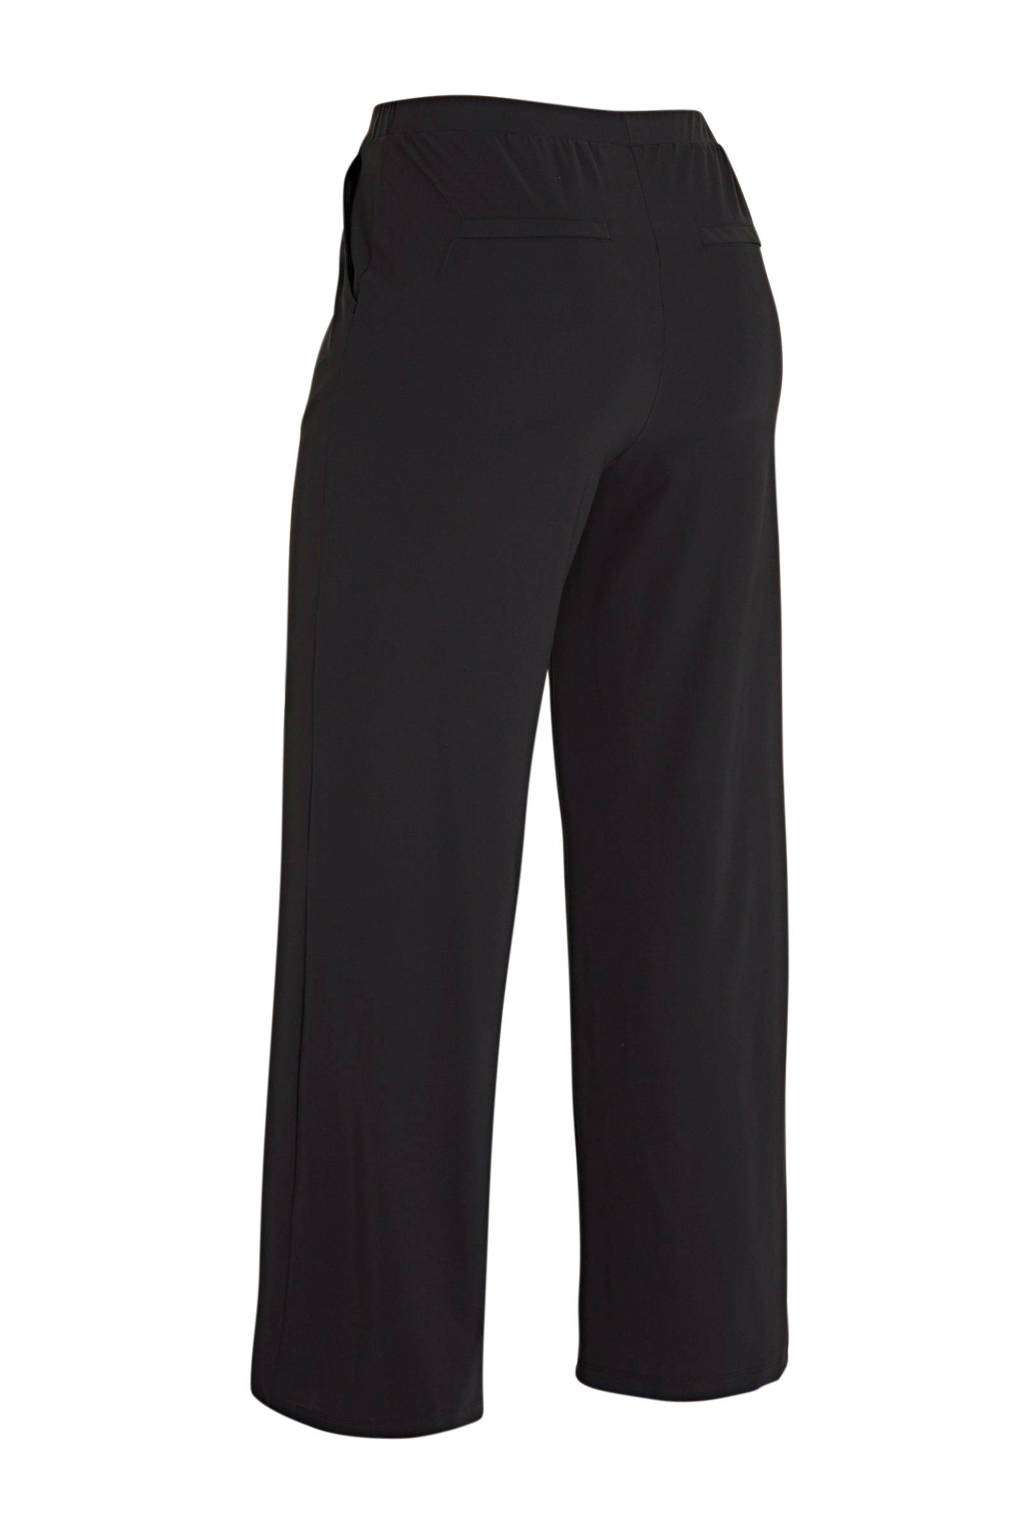 Plus Basics loose fit broek in travelstof zwart, Zwart